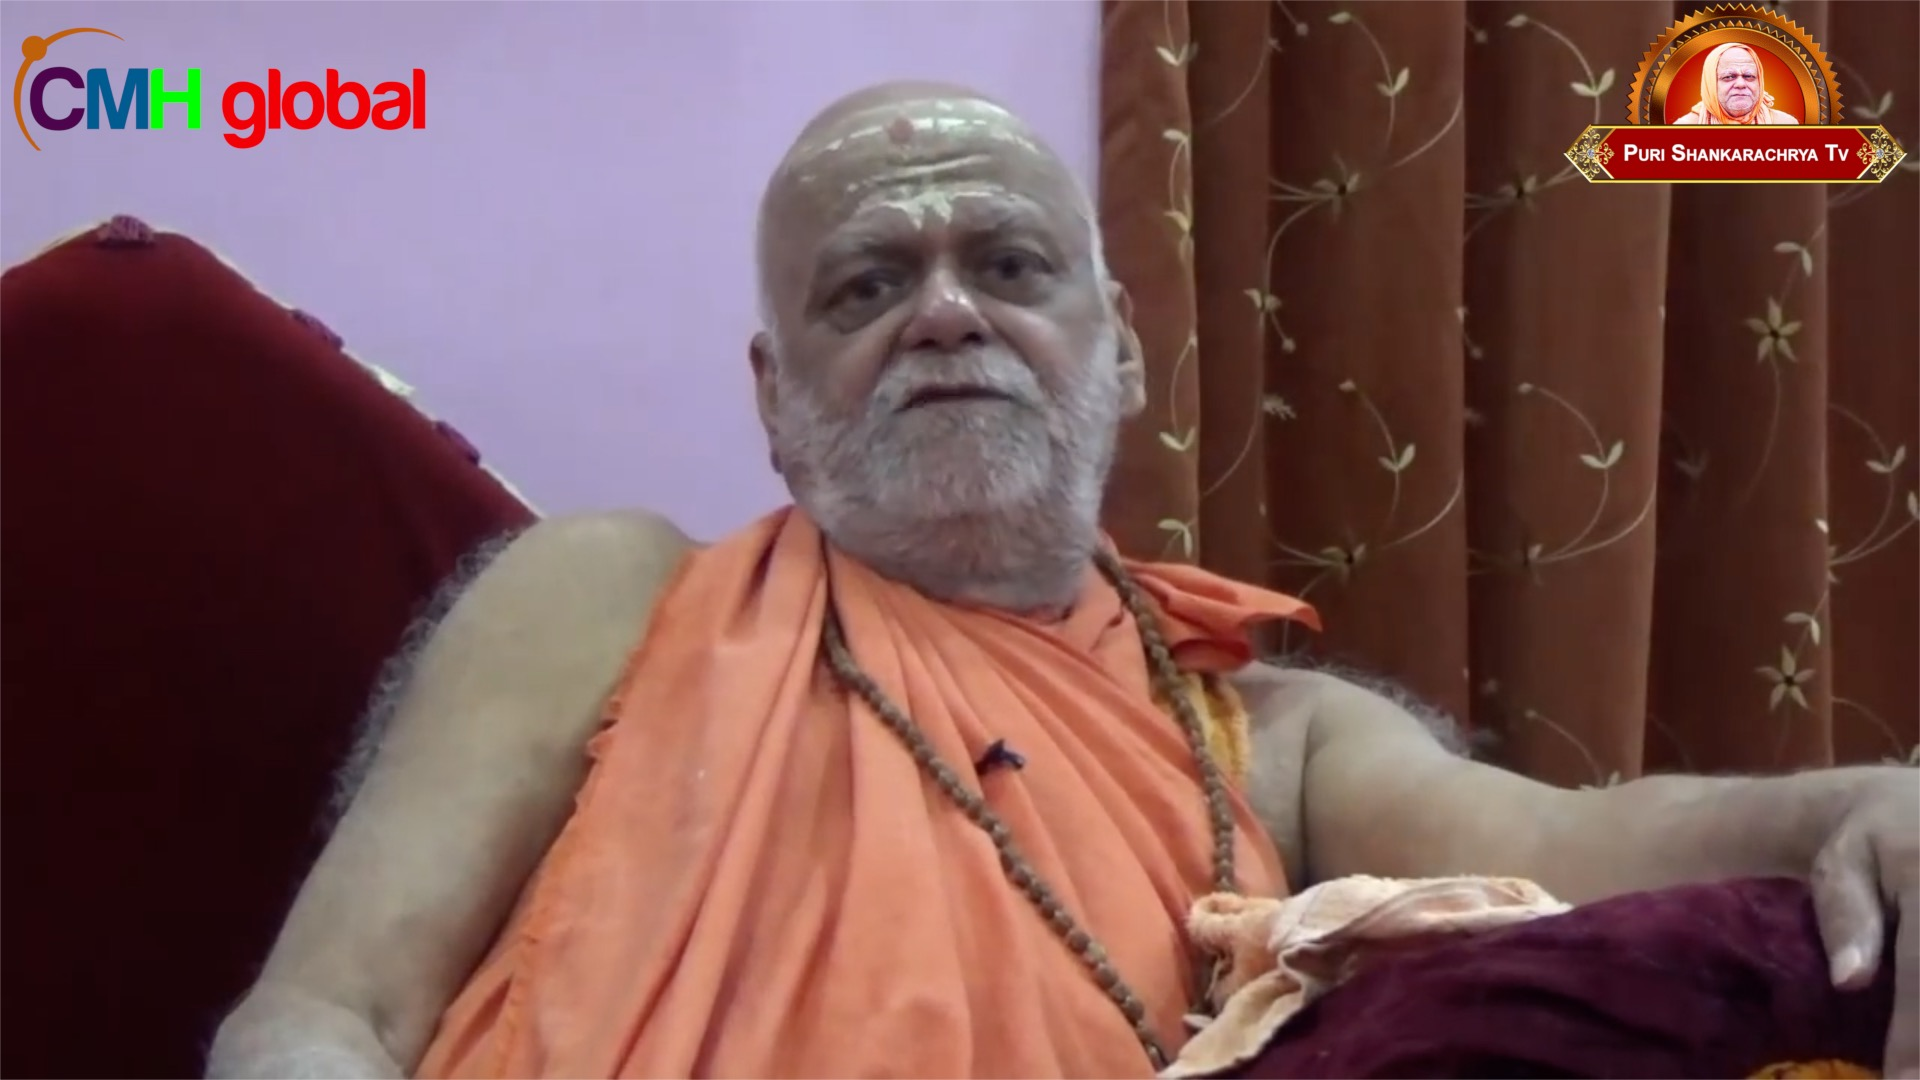 Gyan Dhara Ep -46 by Puri Shankaracharya Swami Nishchalananda Saraswati Ji